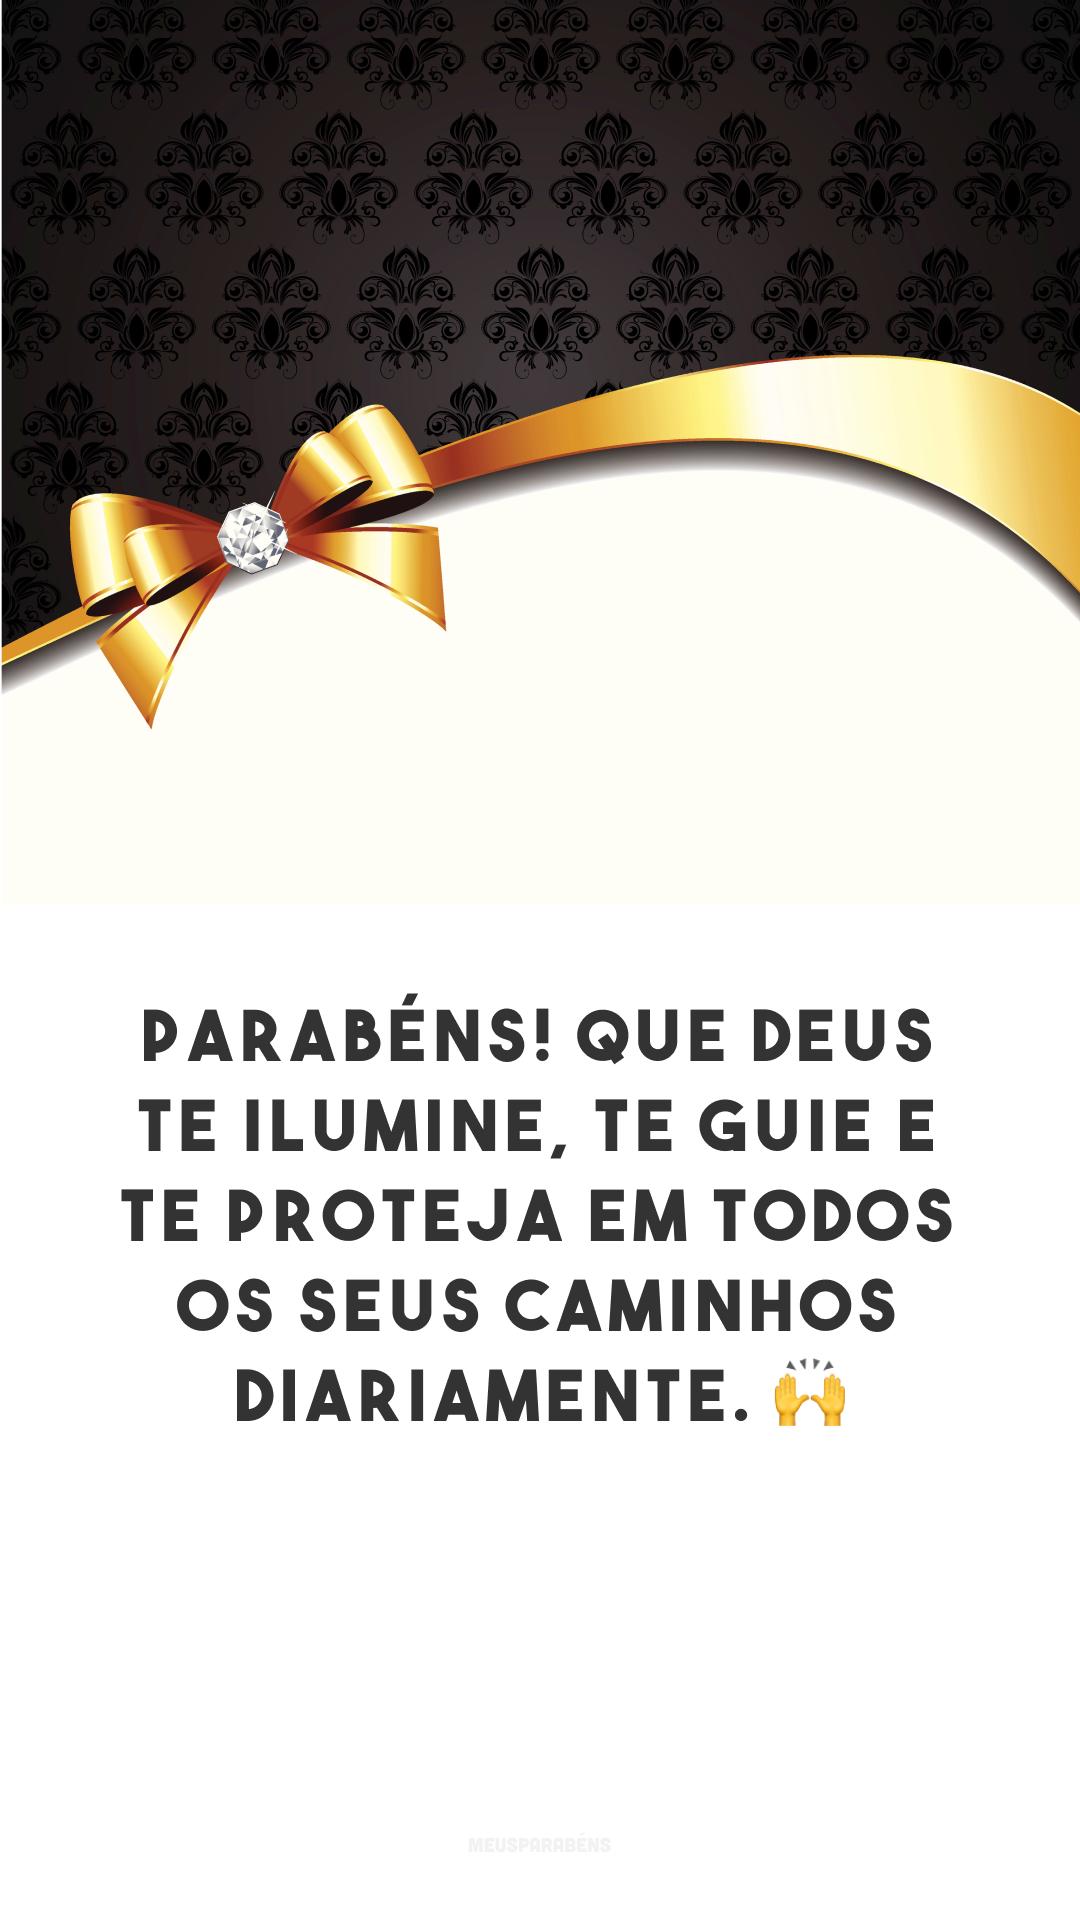 Parabéns! Que Deus te ilumine, te guie e te proteja em todos os seus caminhos diariamente. 🙌